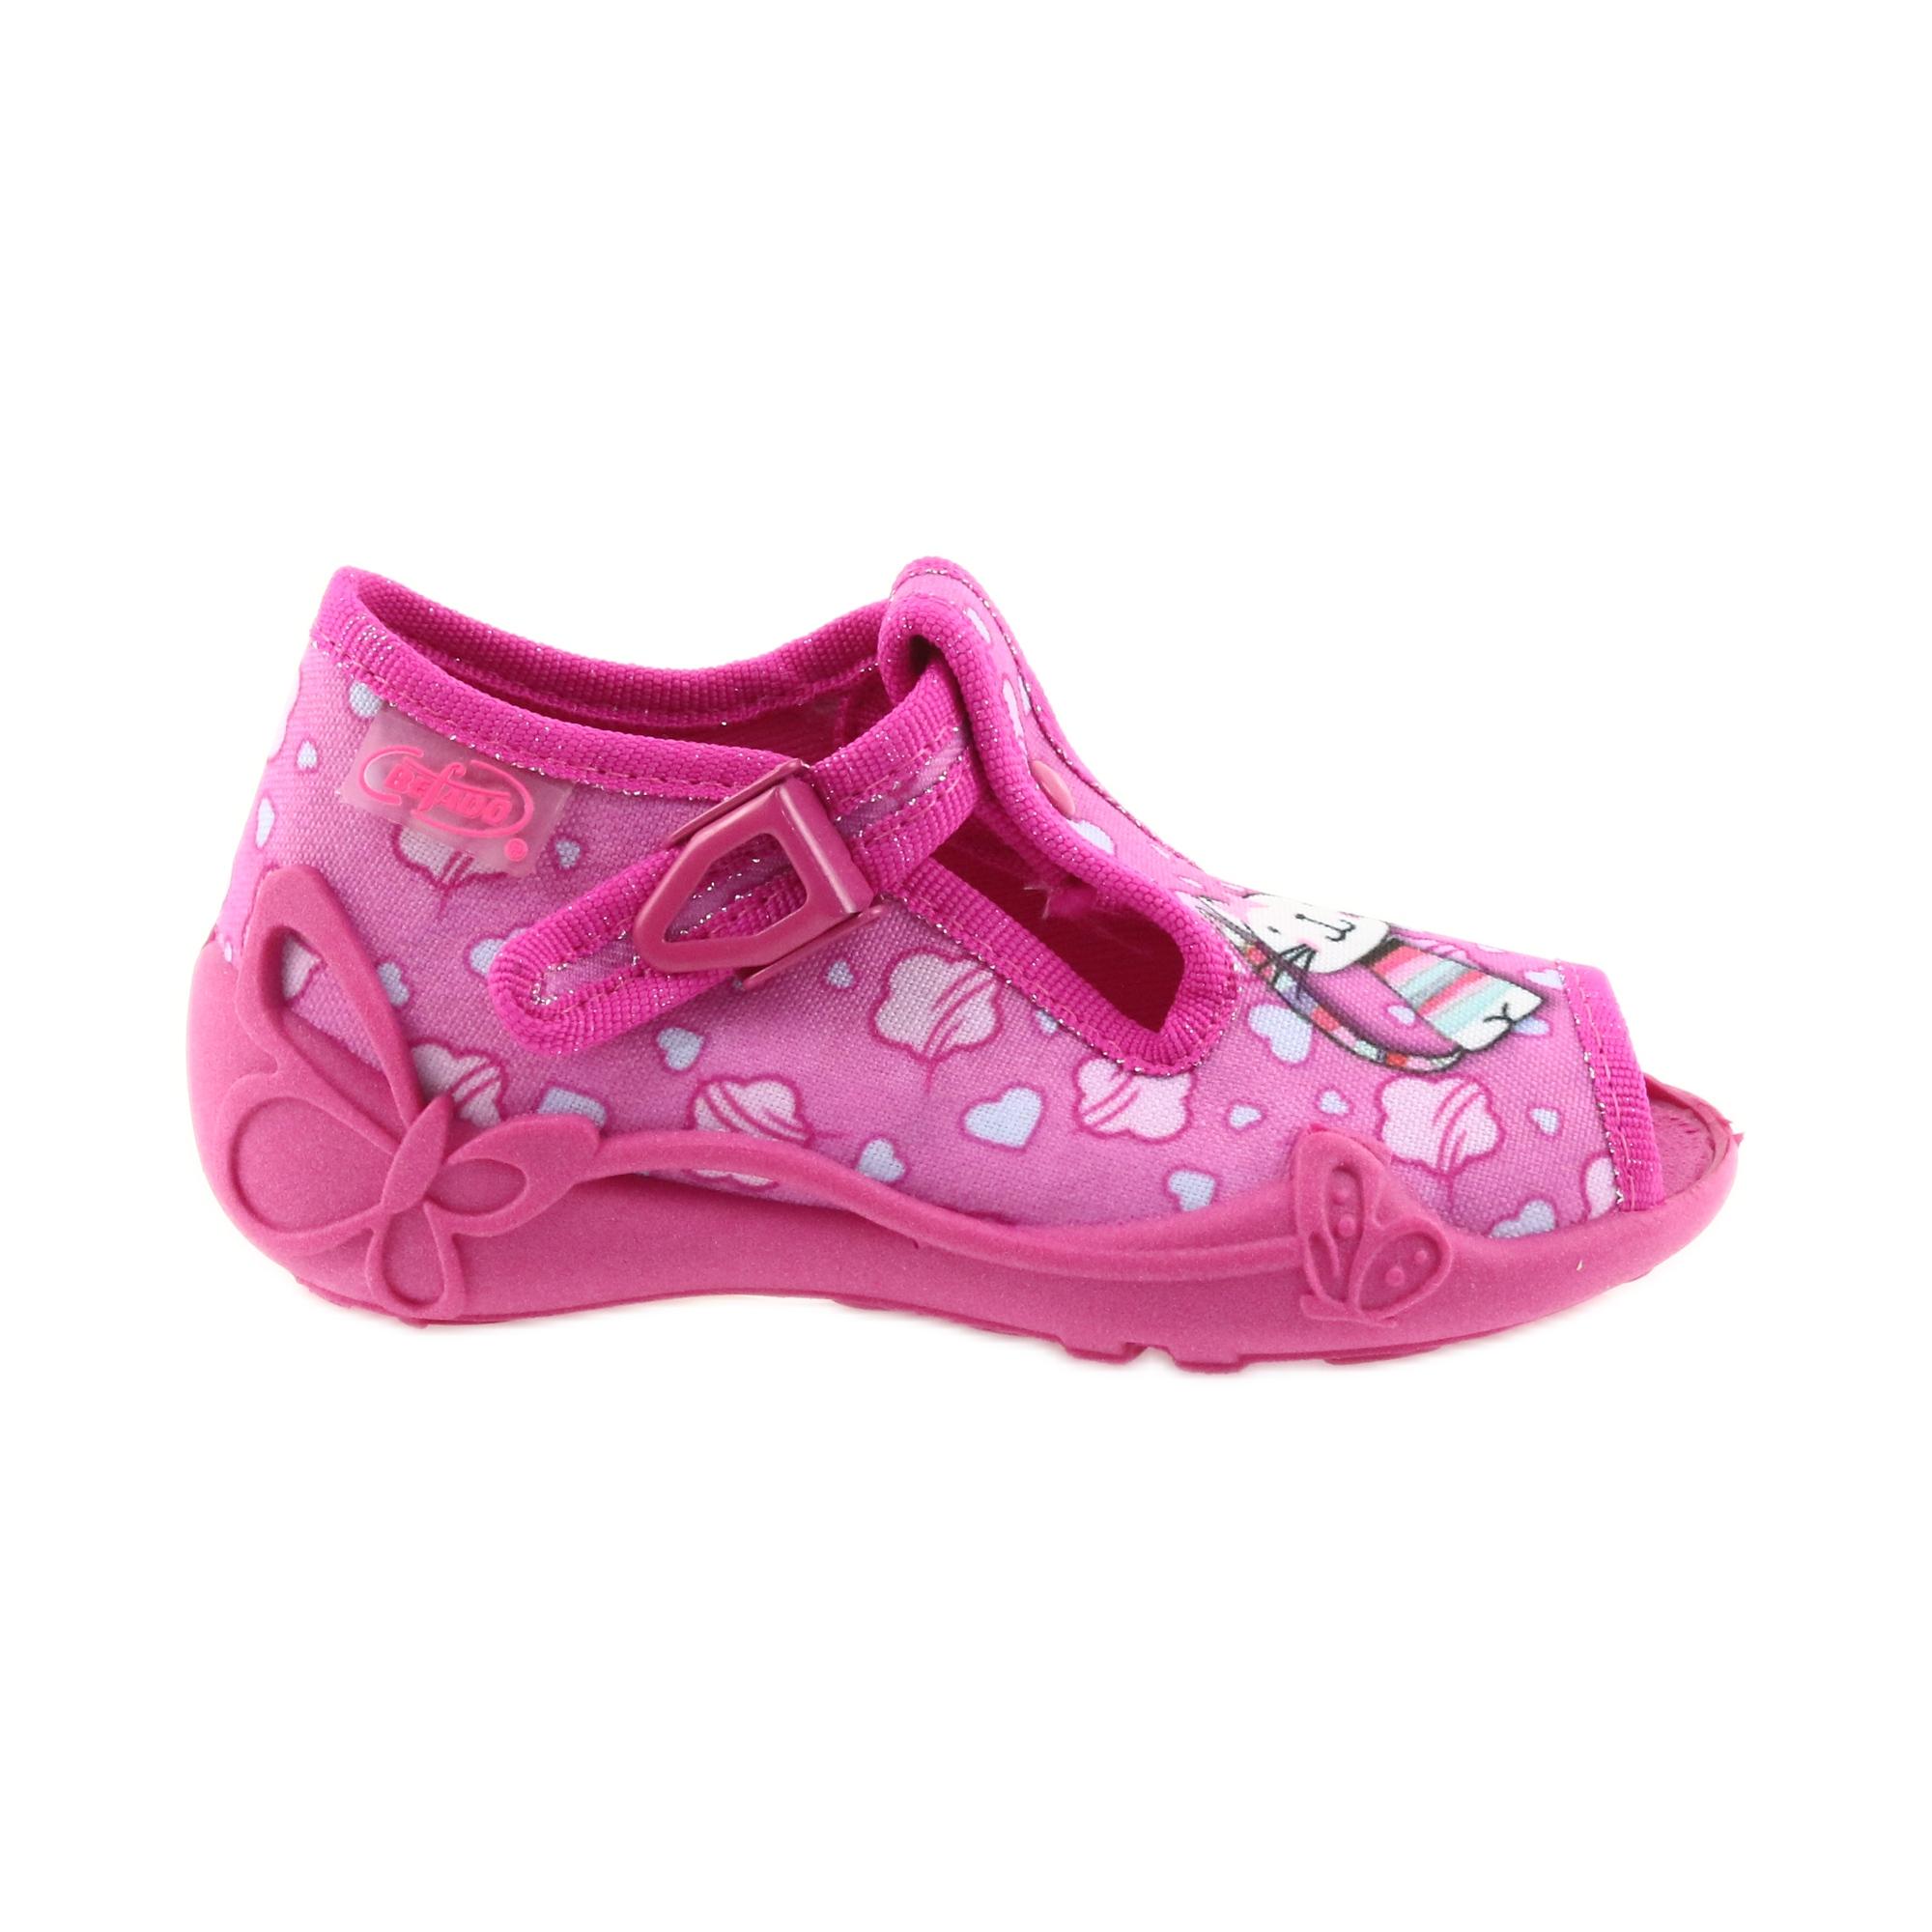 b3812d09a5cc Pantofole per bambini Befado 213P108 - ButyModne.pl